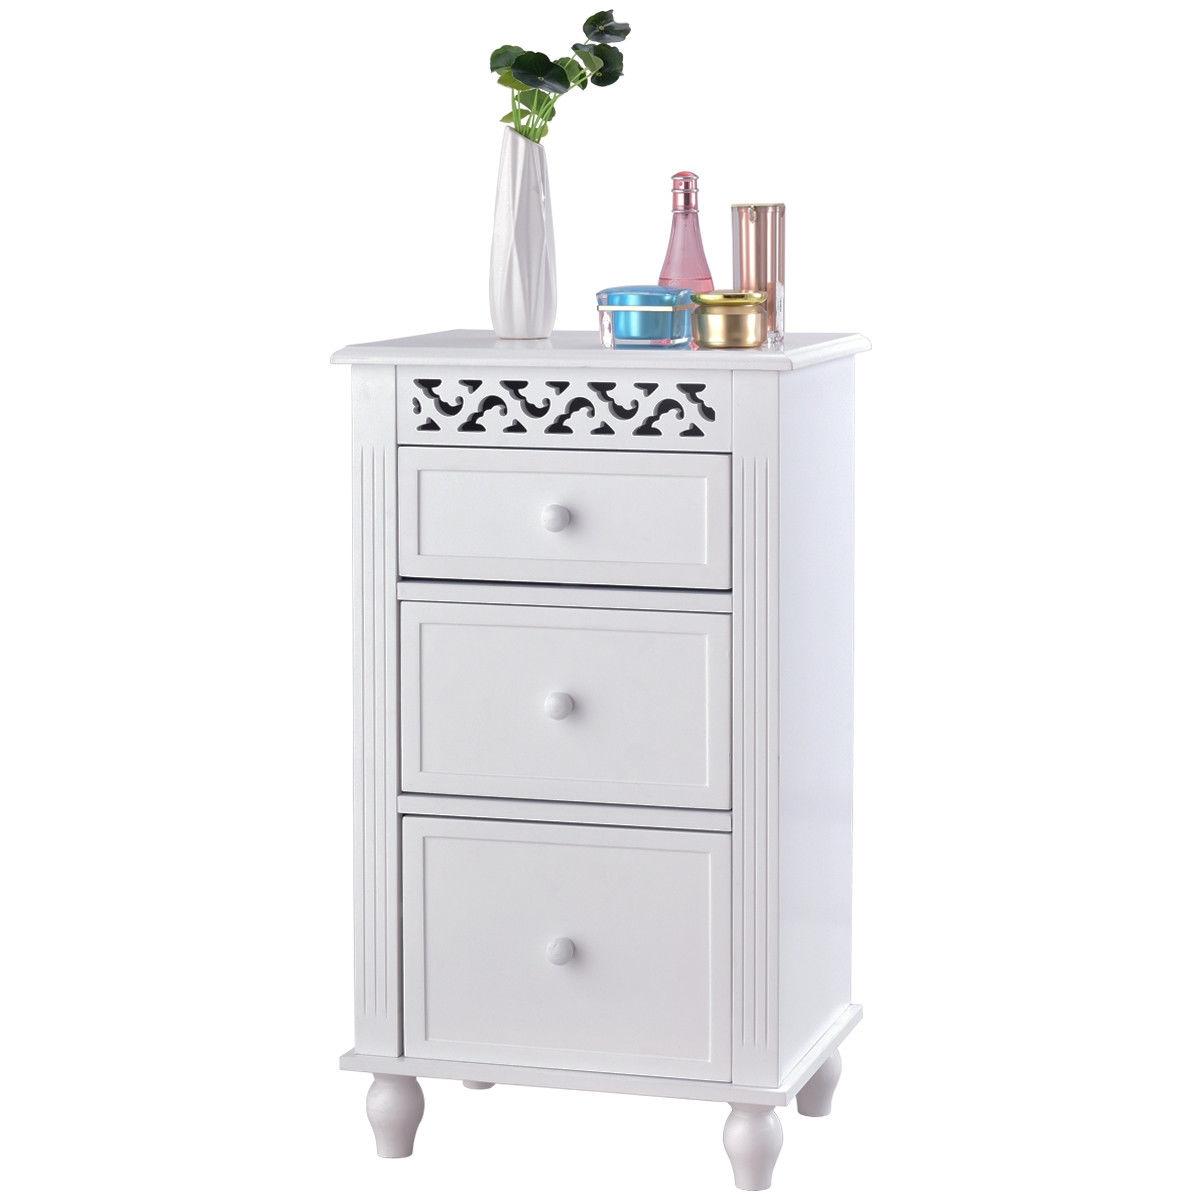 Bathroom Wood Kitchen Collection Storage Organizer Floor Cabinet